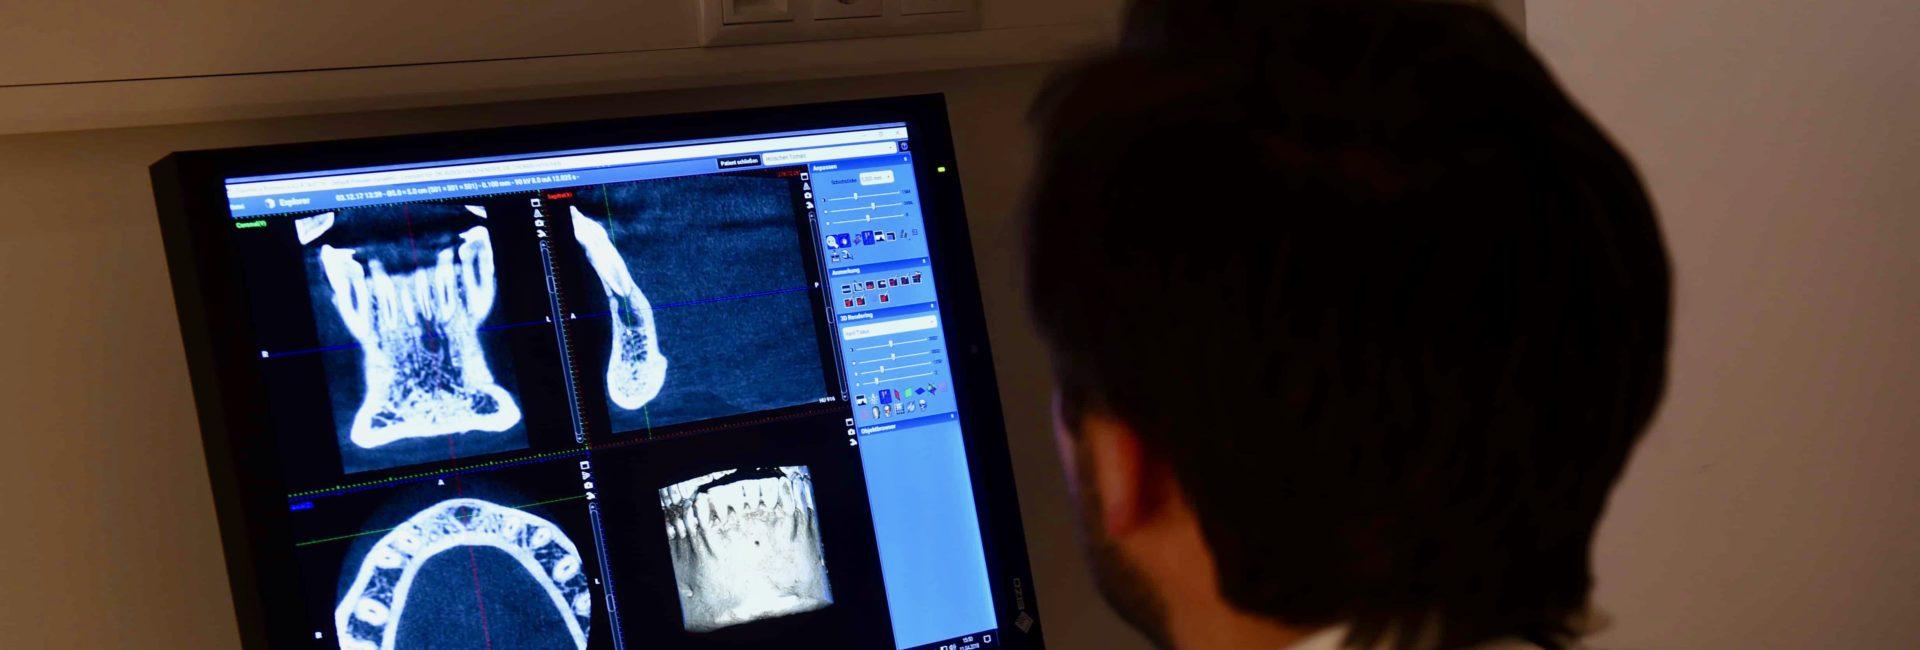 DVT Befundung vor Operation mit Zahnimplantat